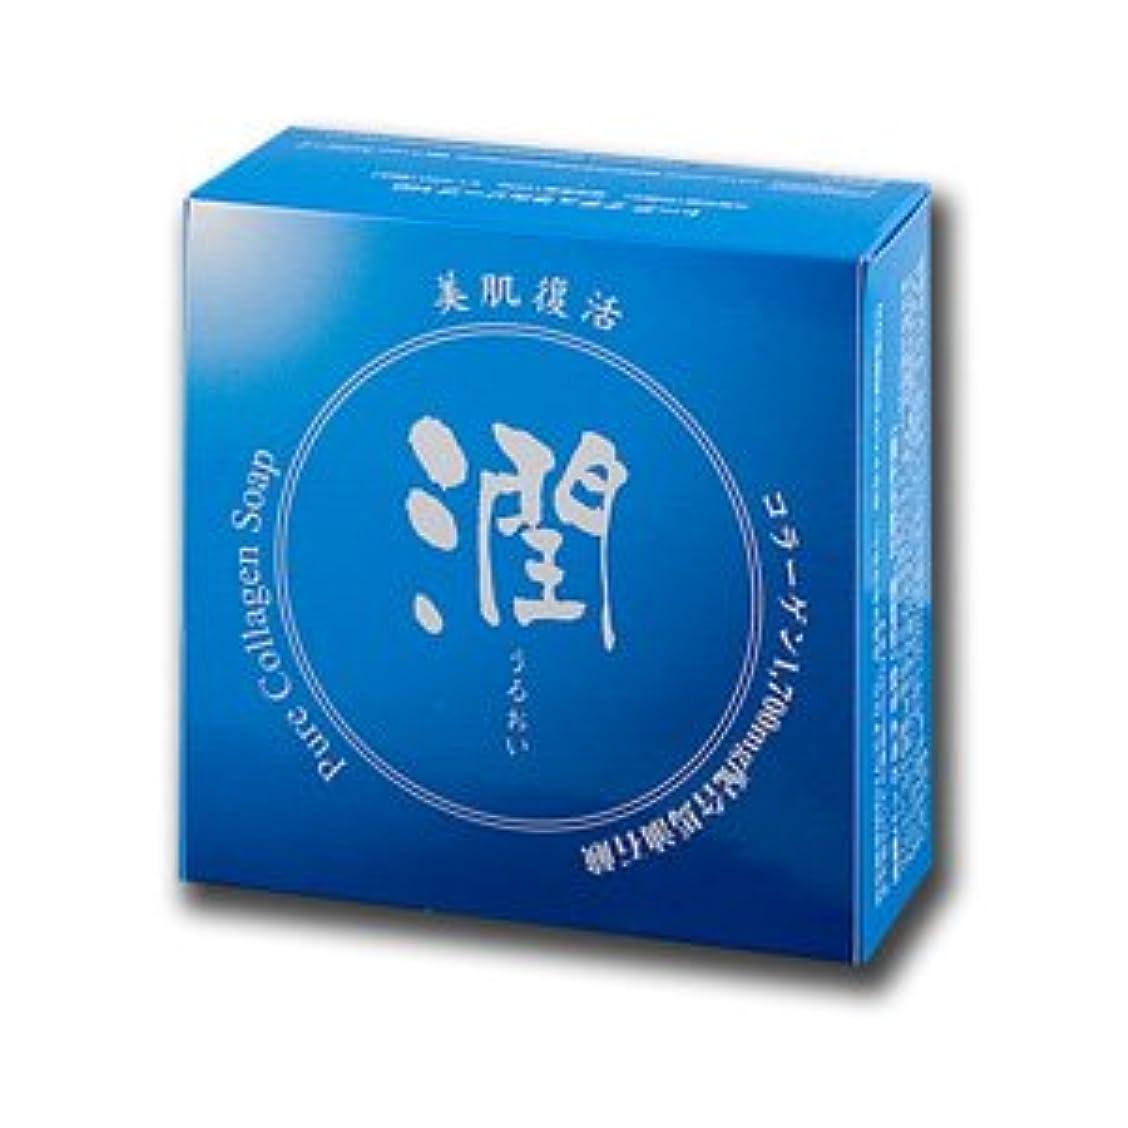 投資する入植者可能にするコラーゲン馬油石鹸 潤 100g (#800410) ×5個セット